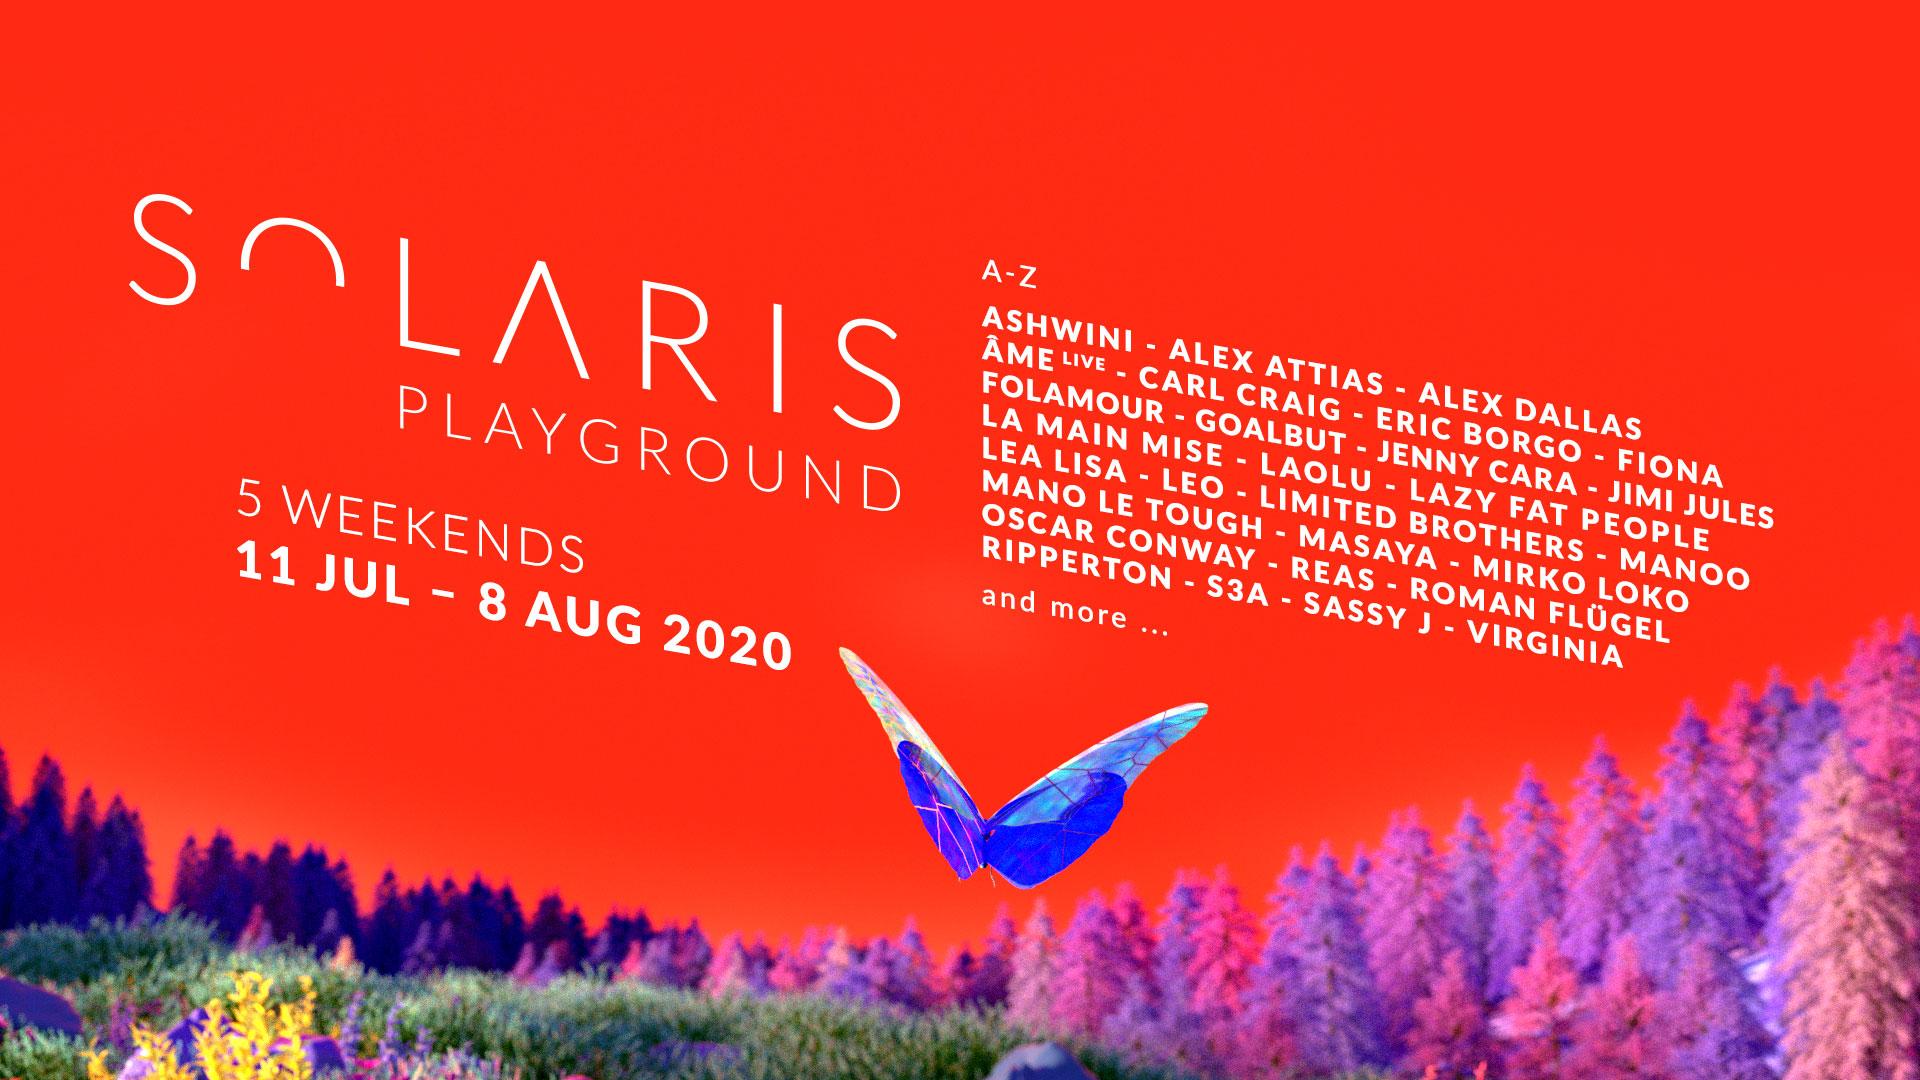 SOLARIS   Line Up 2020